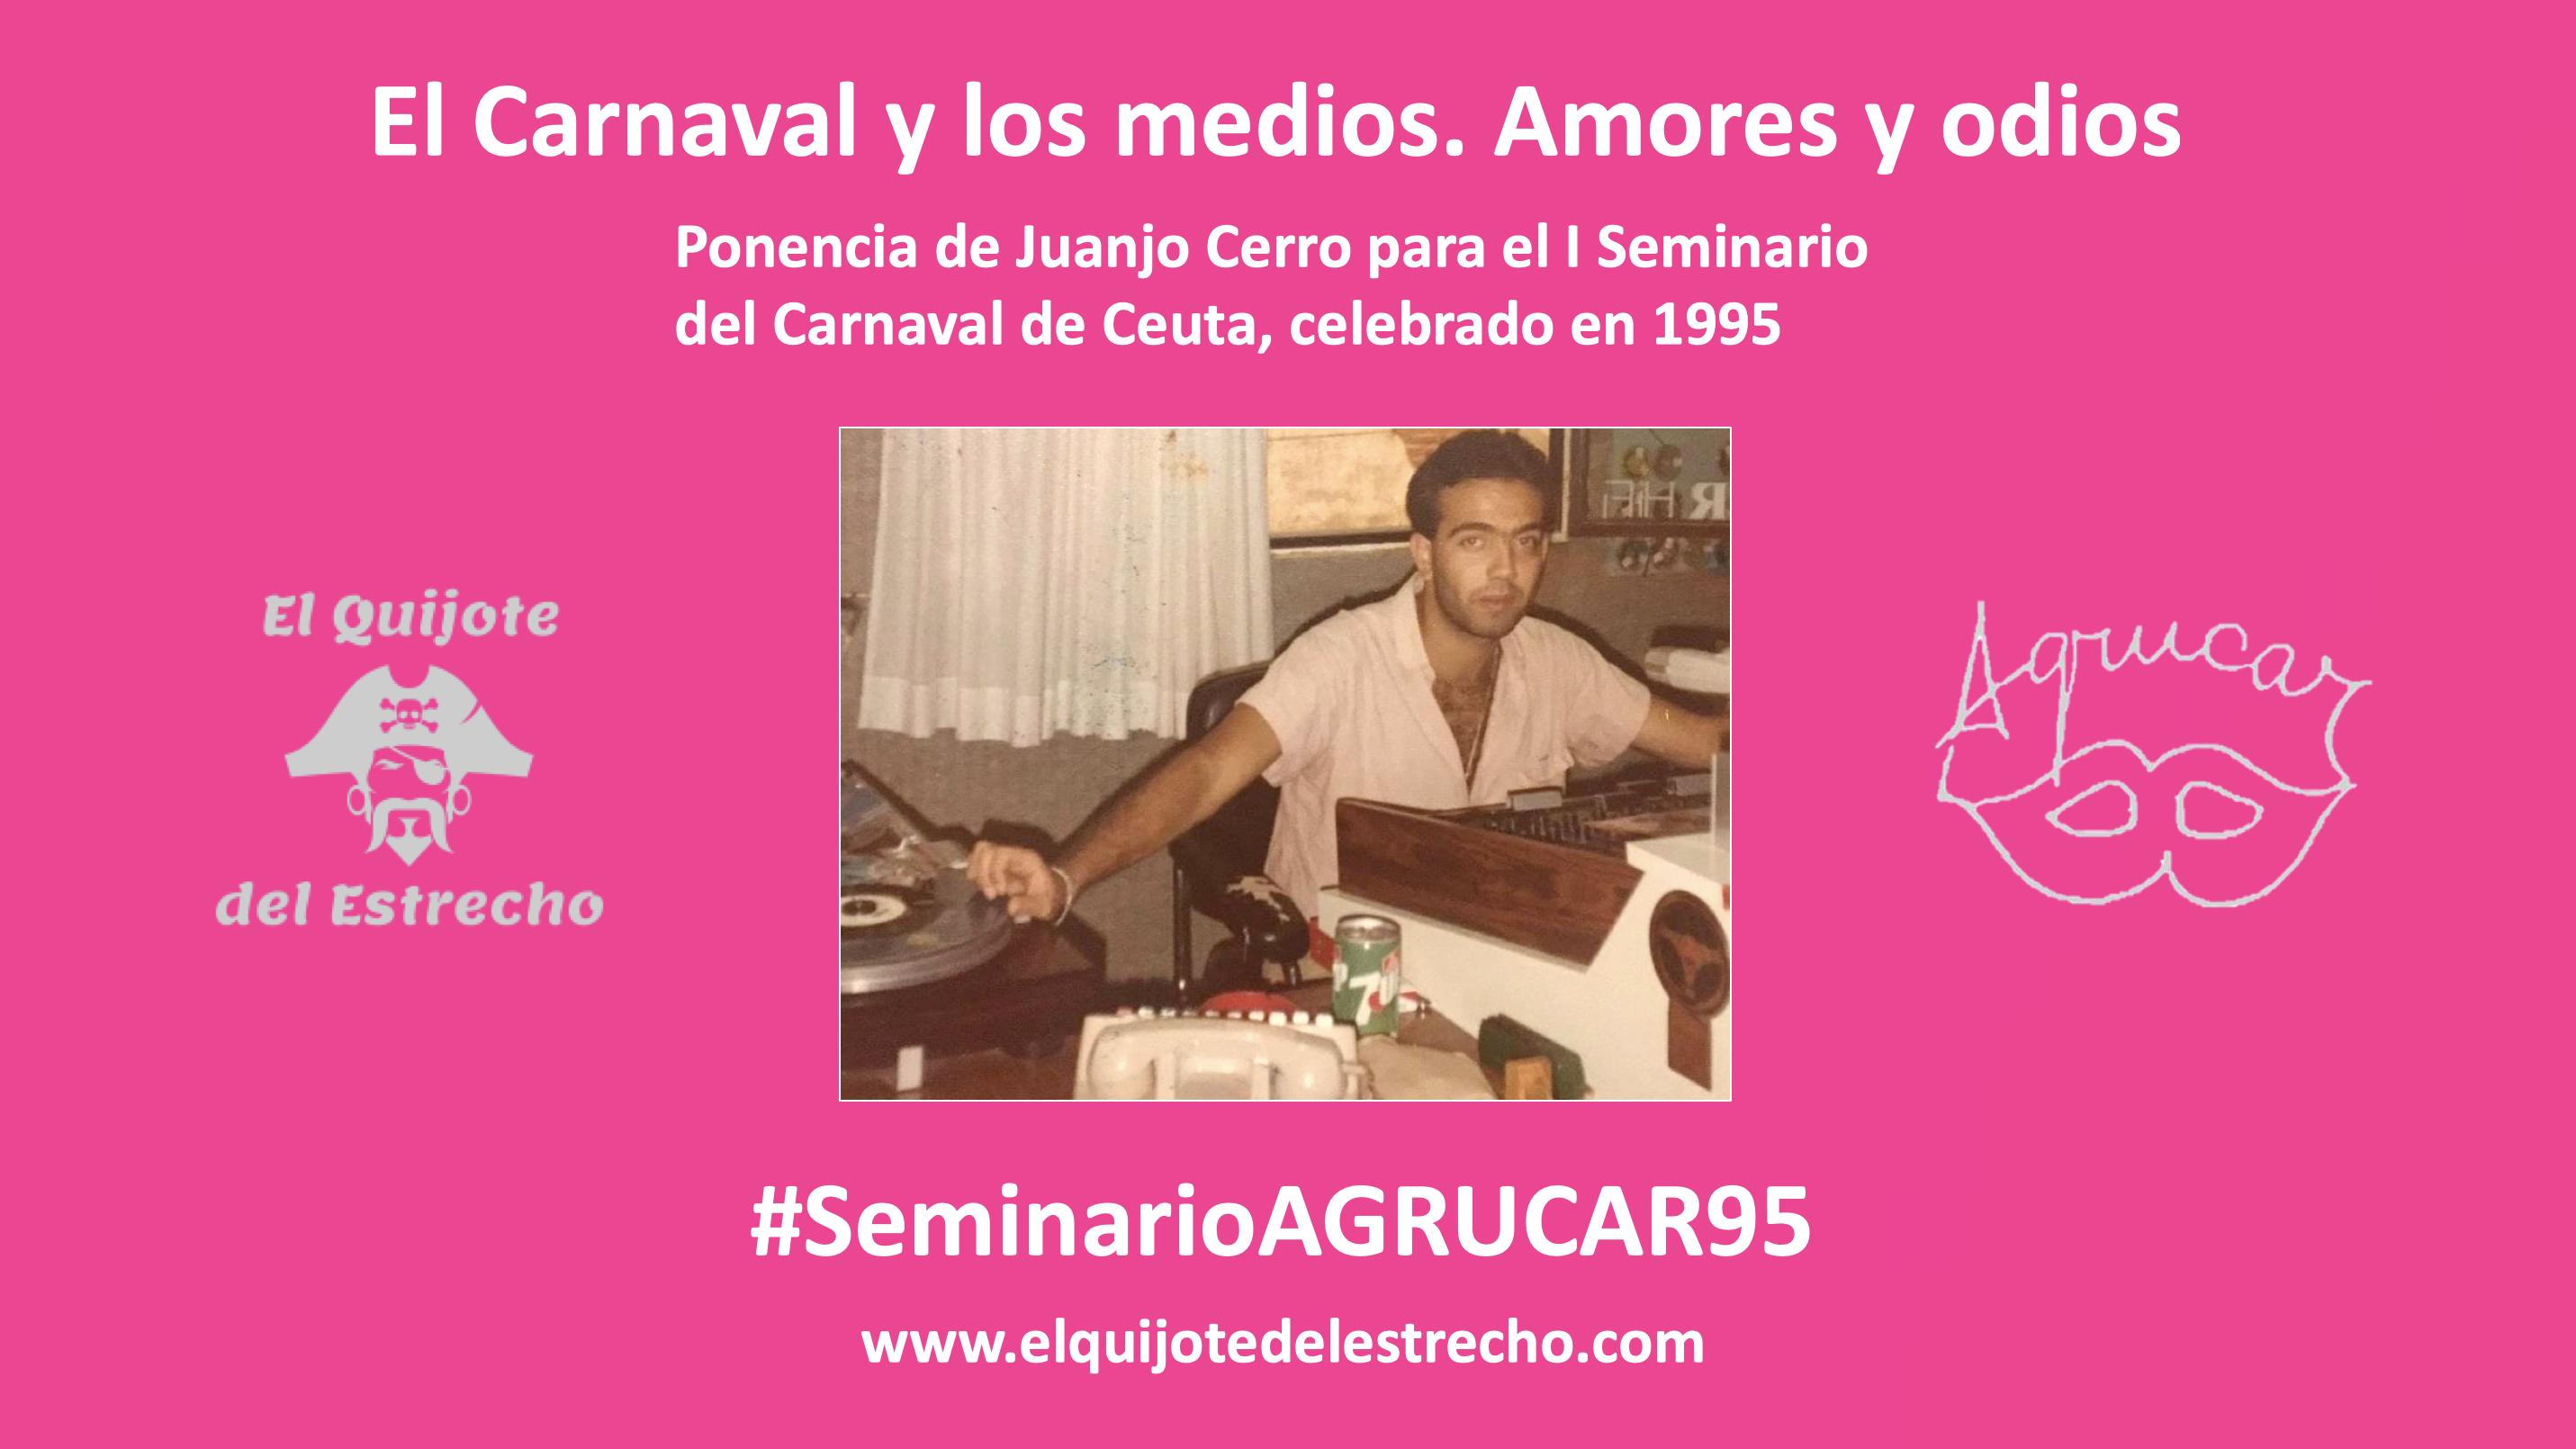 'El Carnaval y los medios. Amores y odios'   Ponencia de Juanjo Cerro para el Seminario del 95